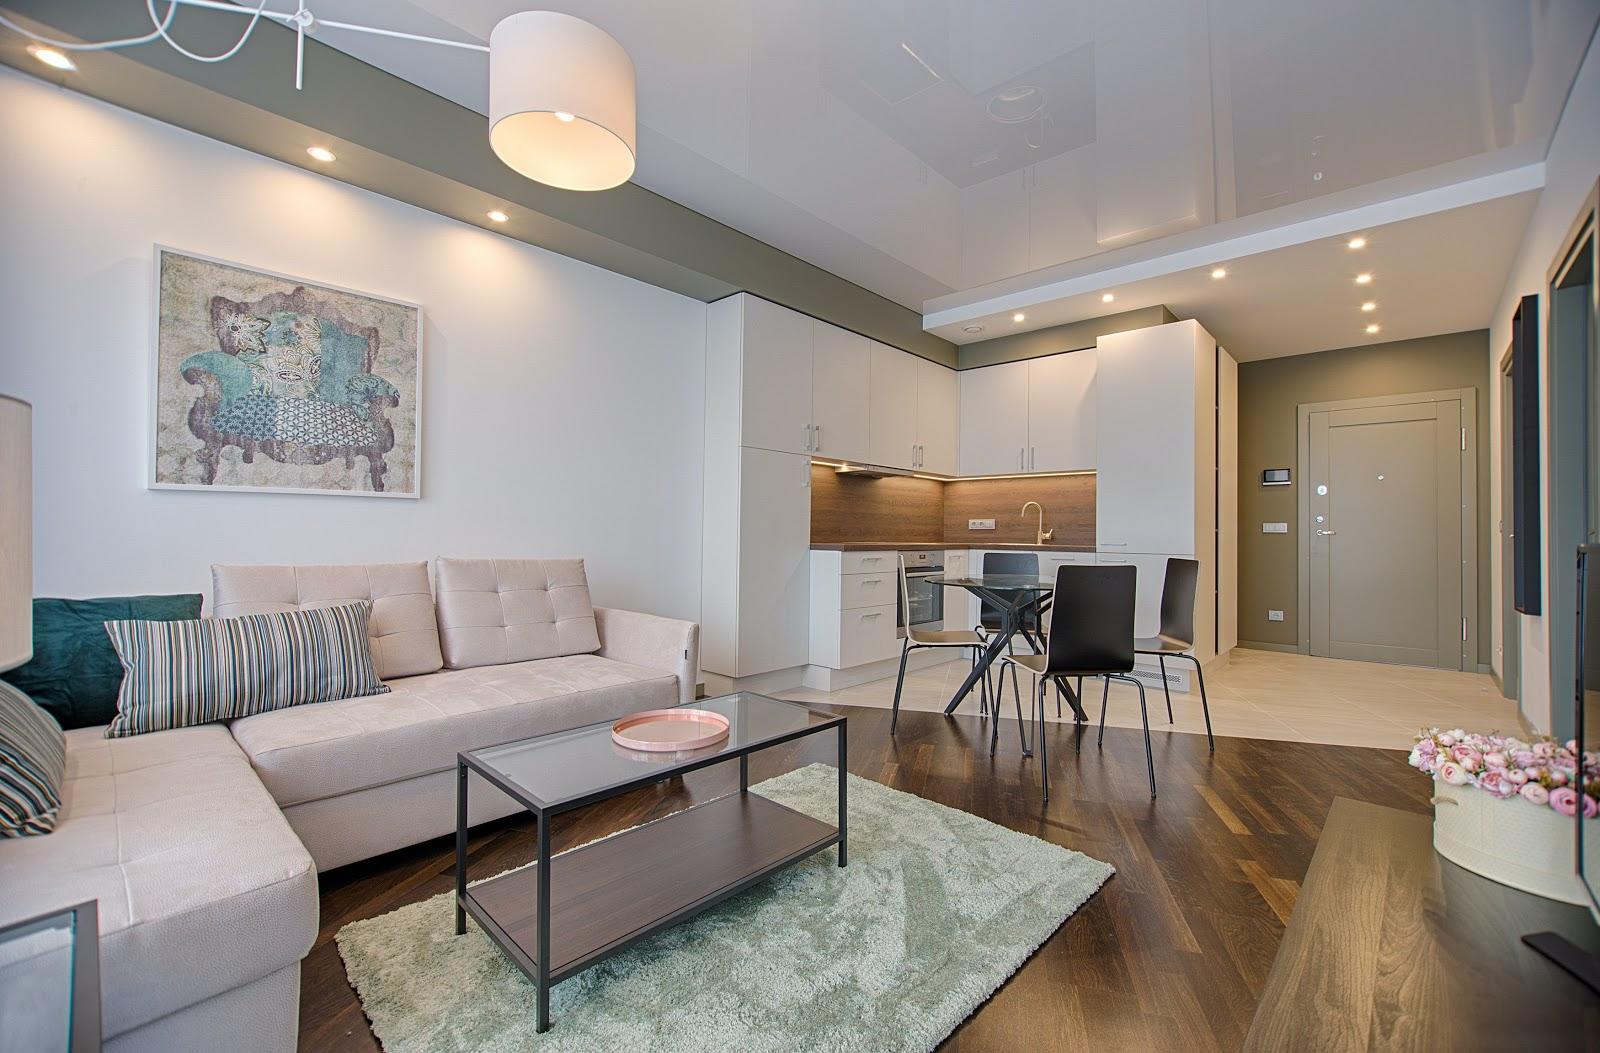 open concept or traditional floor plan, hagen homes, custom home builder in kenosha county